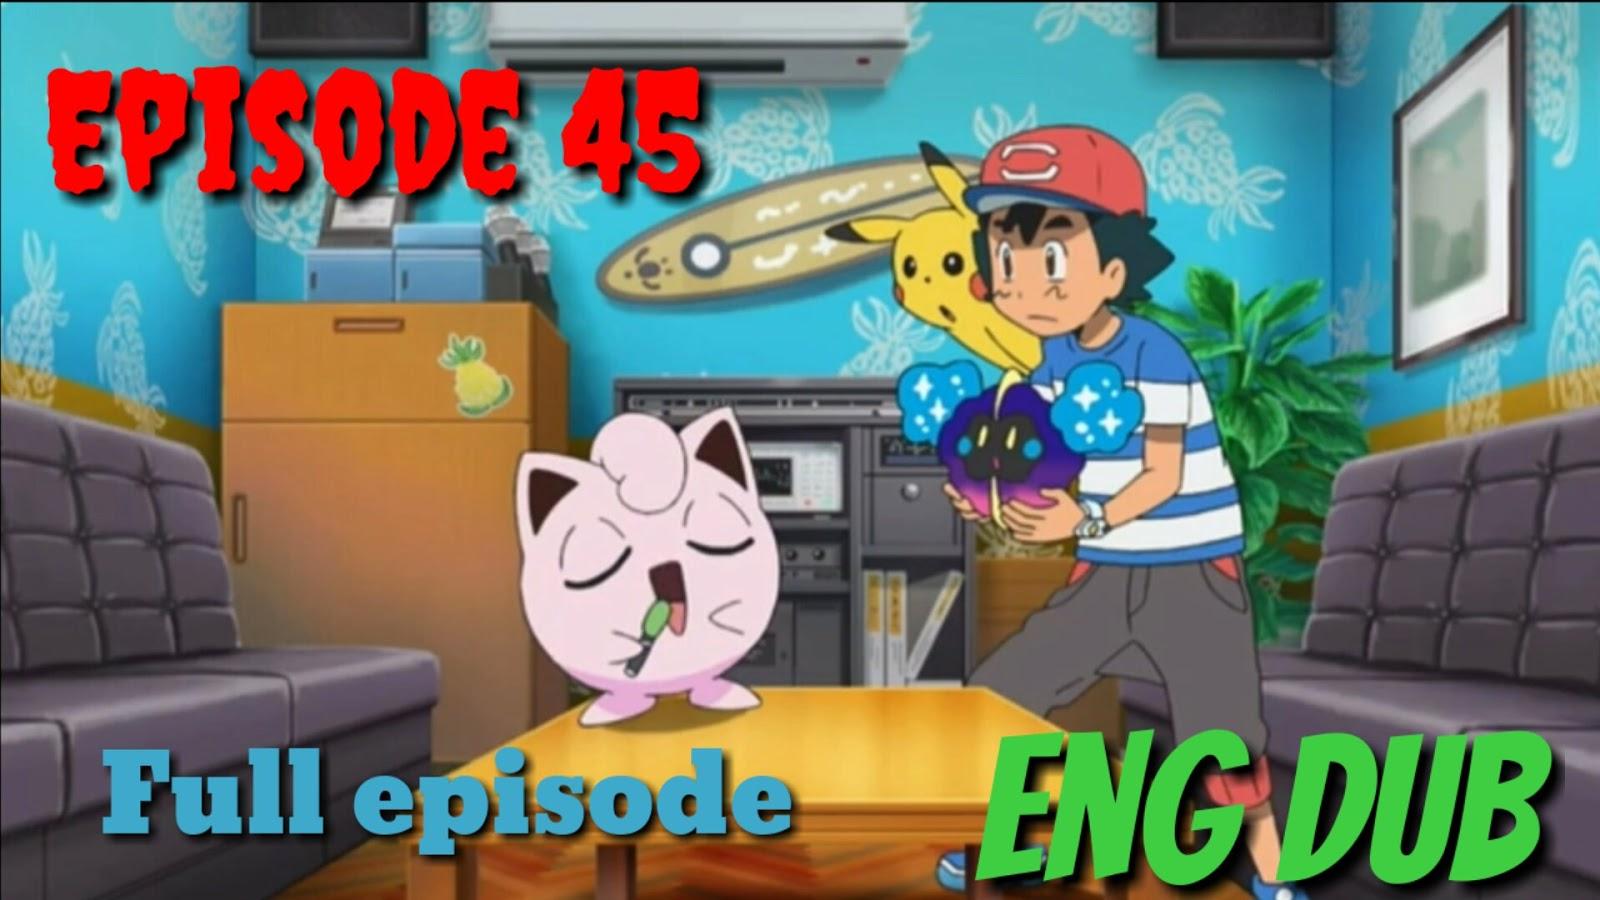 Pokemon Episodes: Pokemon sun and moon epsiode 45 English